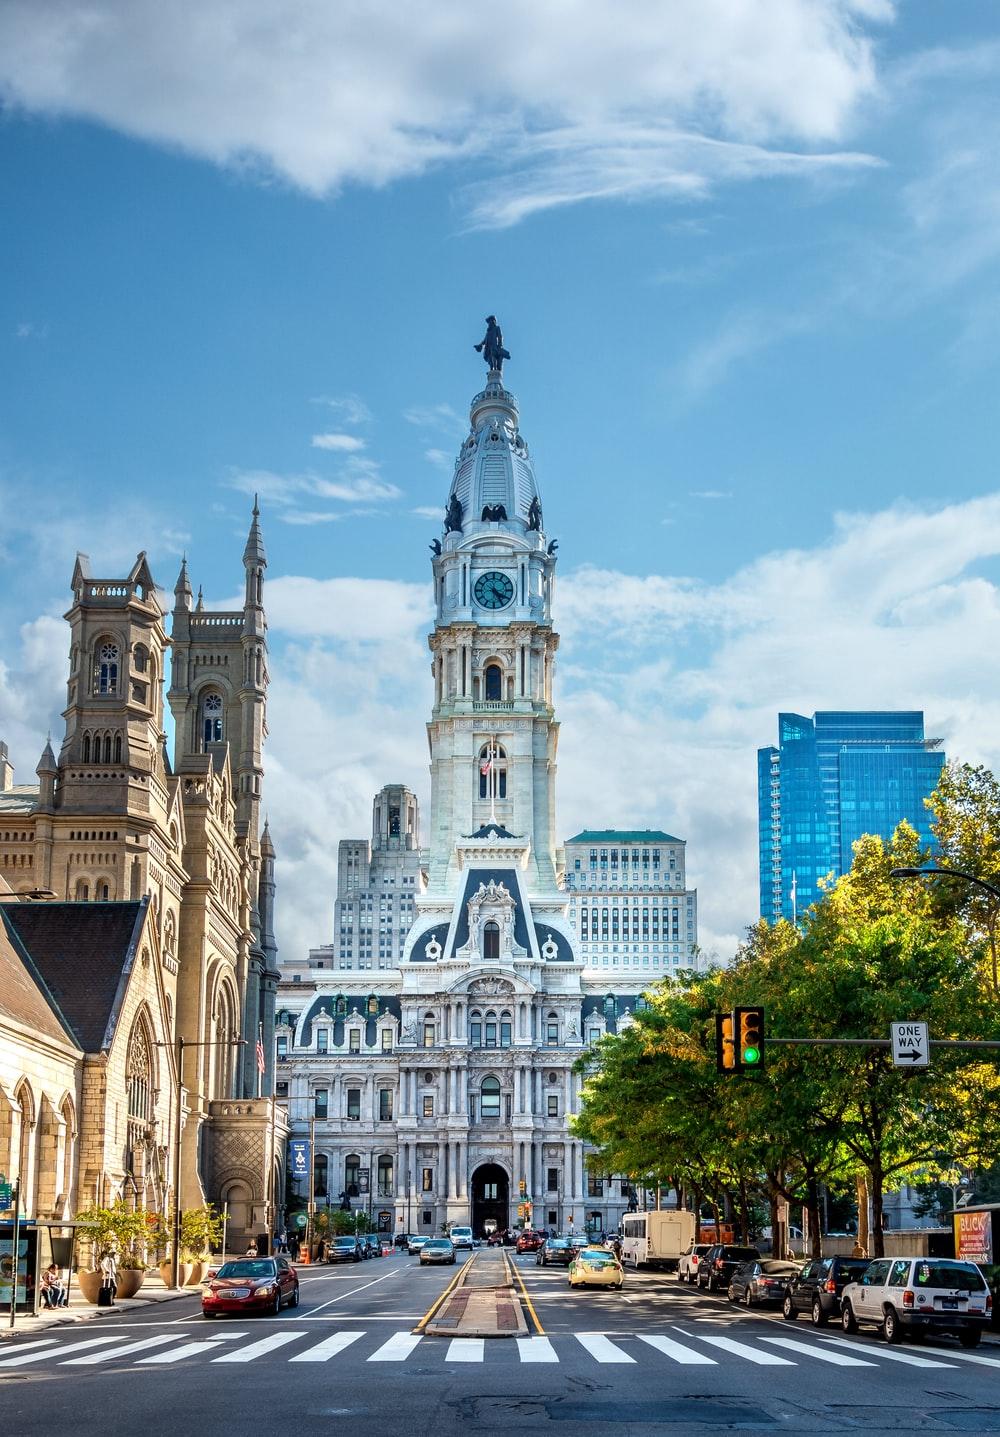 500 Philadelphia Pictures [Scenic Travel Photos] Download 1000x1437